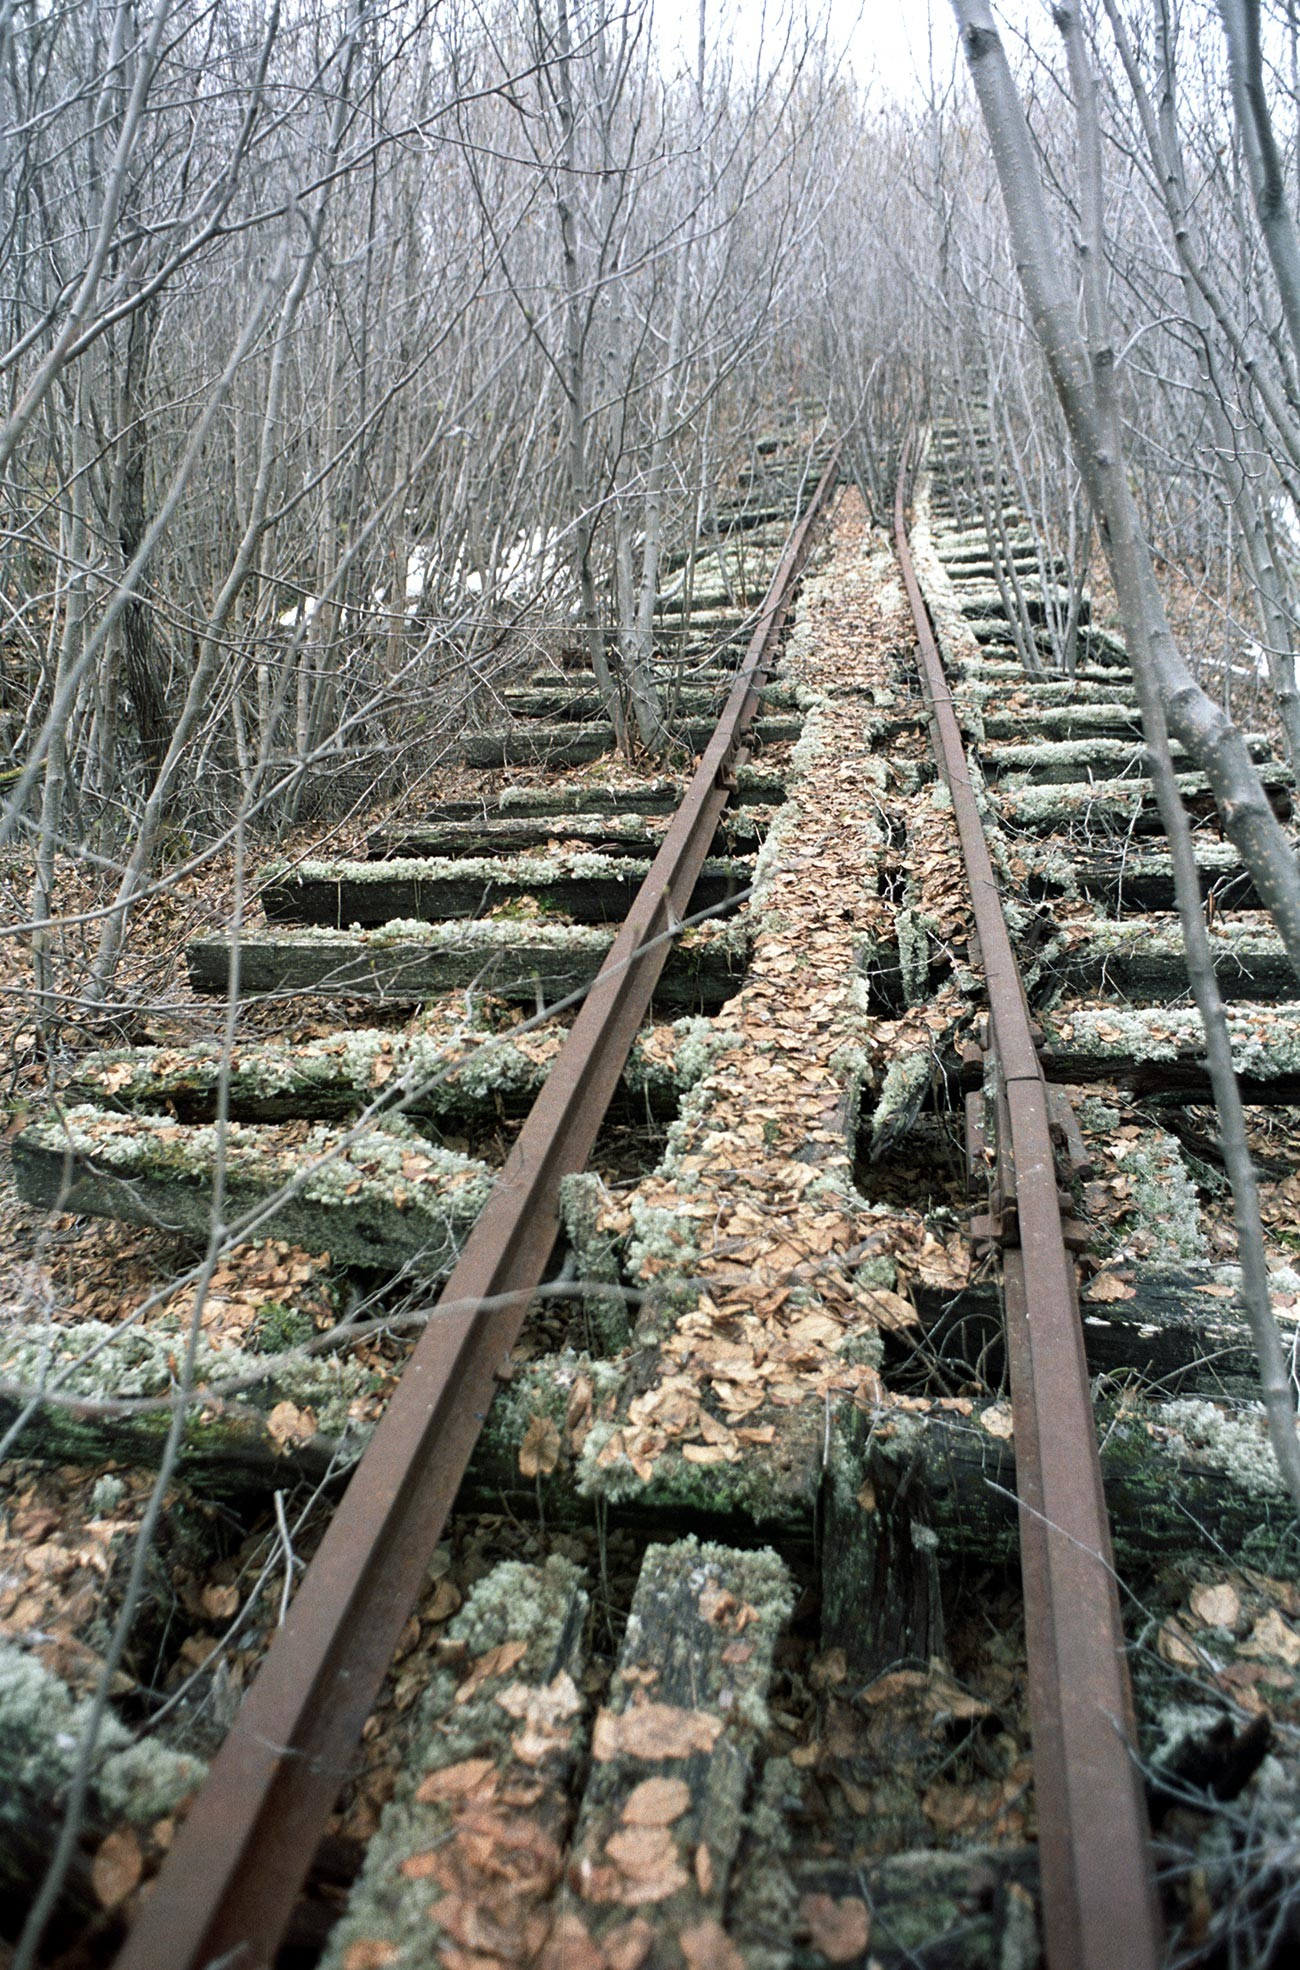 Sovjetsko rukovodstvo je 1949. godine donijelo odluku o izgradnji polarne pruge od Igarke do Saleharda ukupne dužine 1263 km.